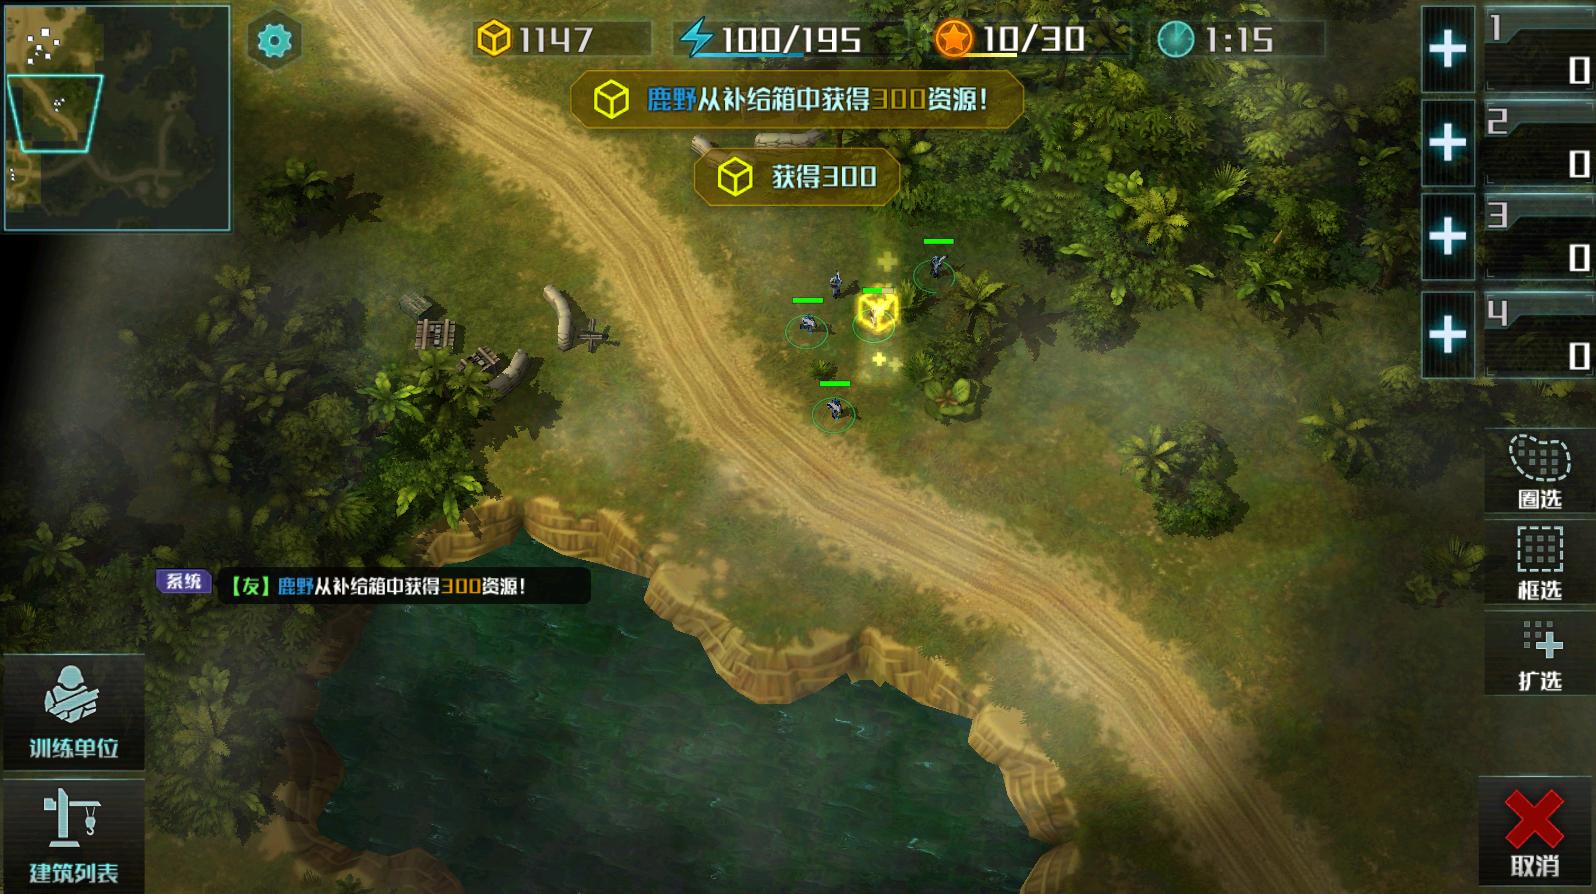 荣光不再的RTS,在手游端能否焕发新生?